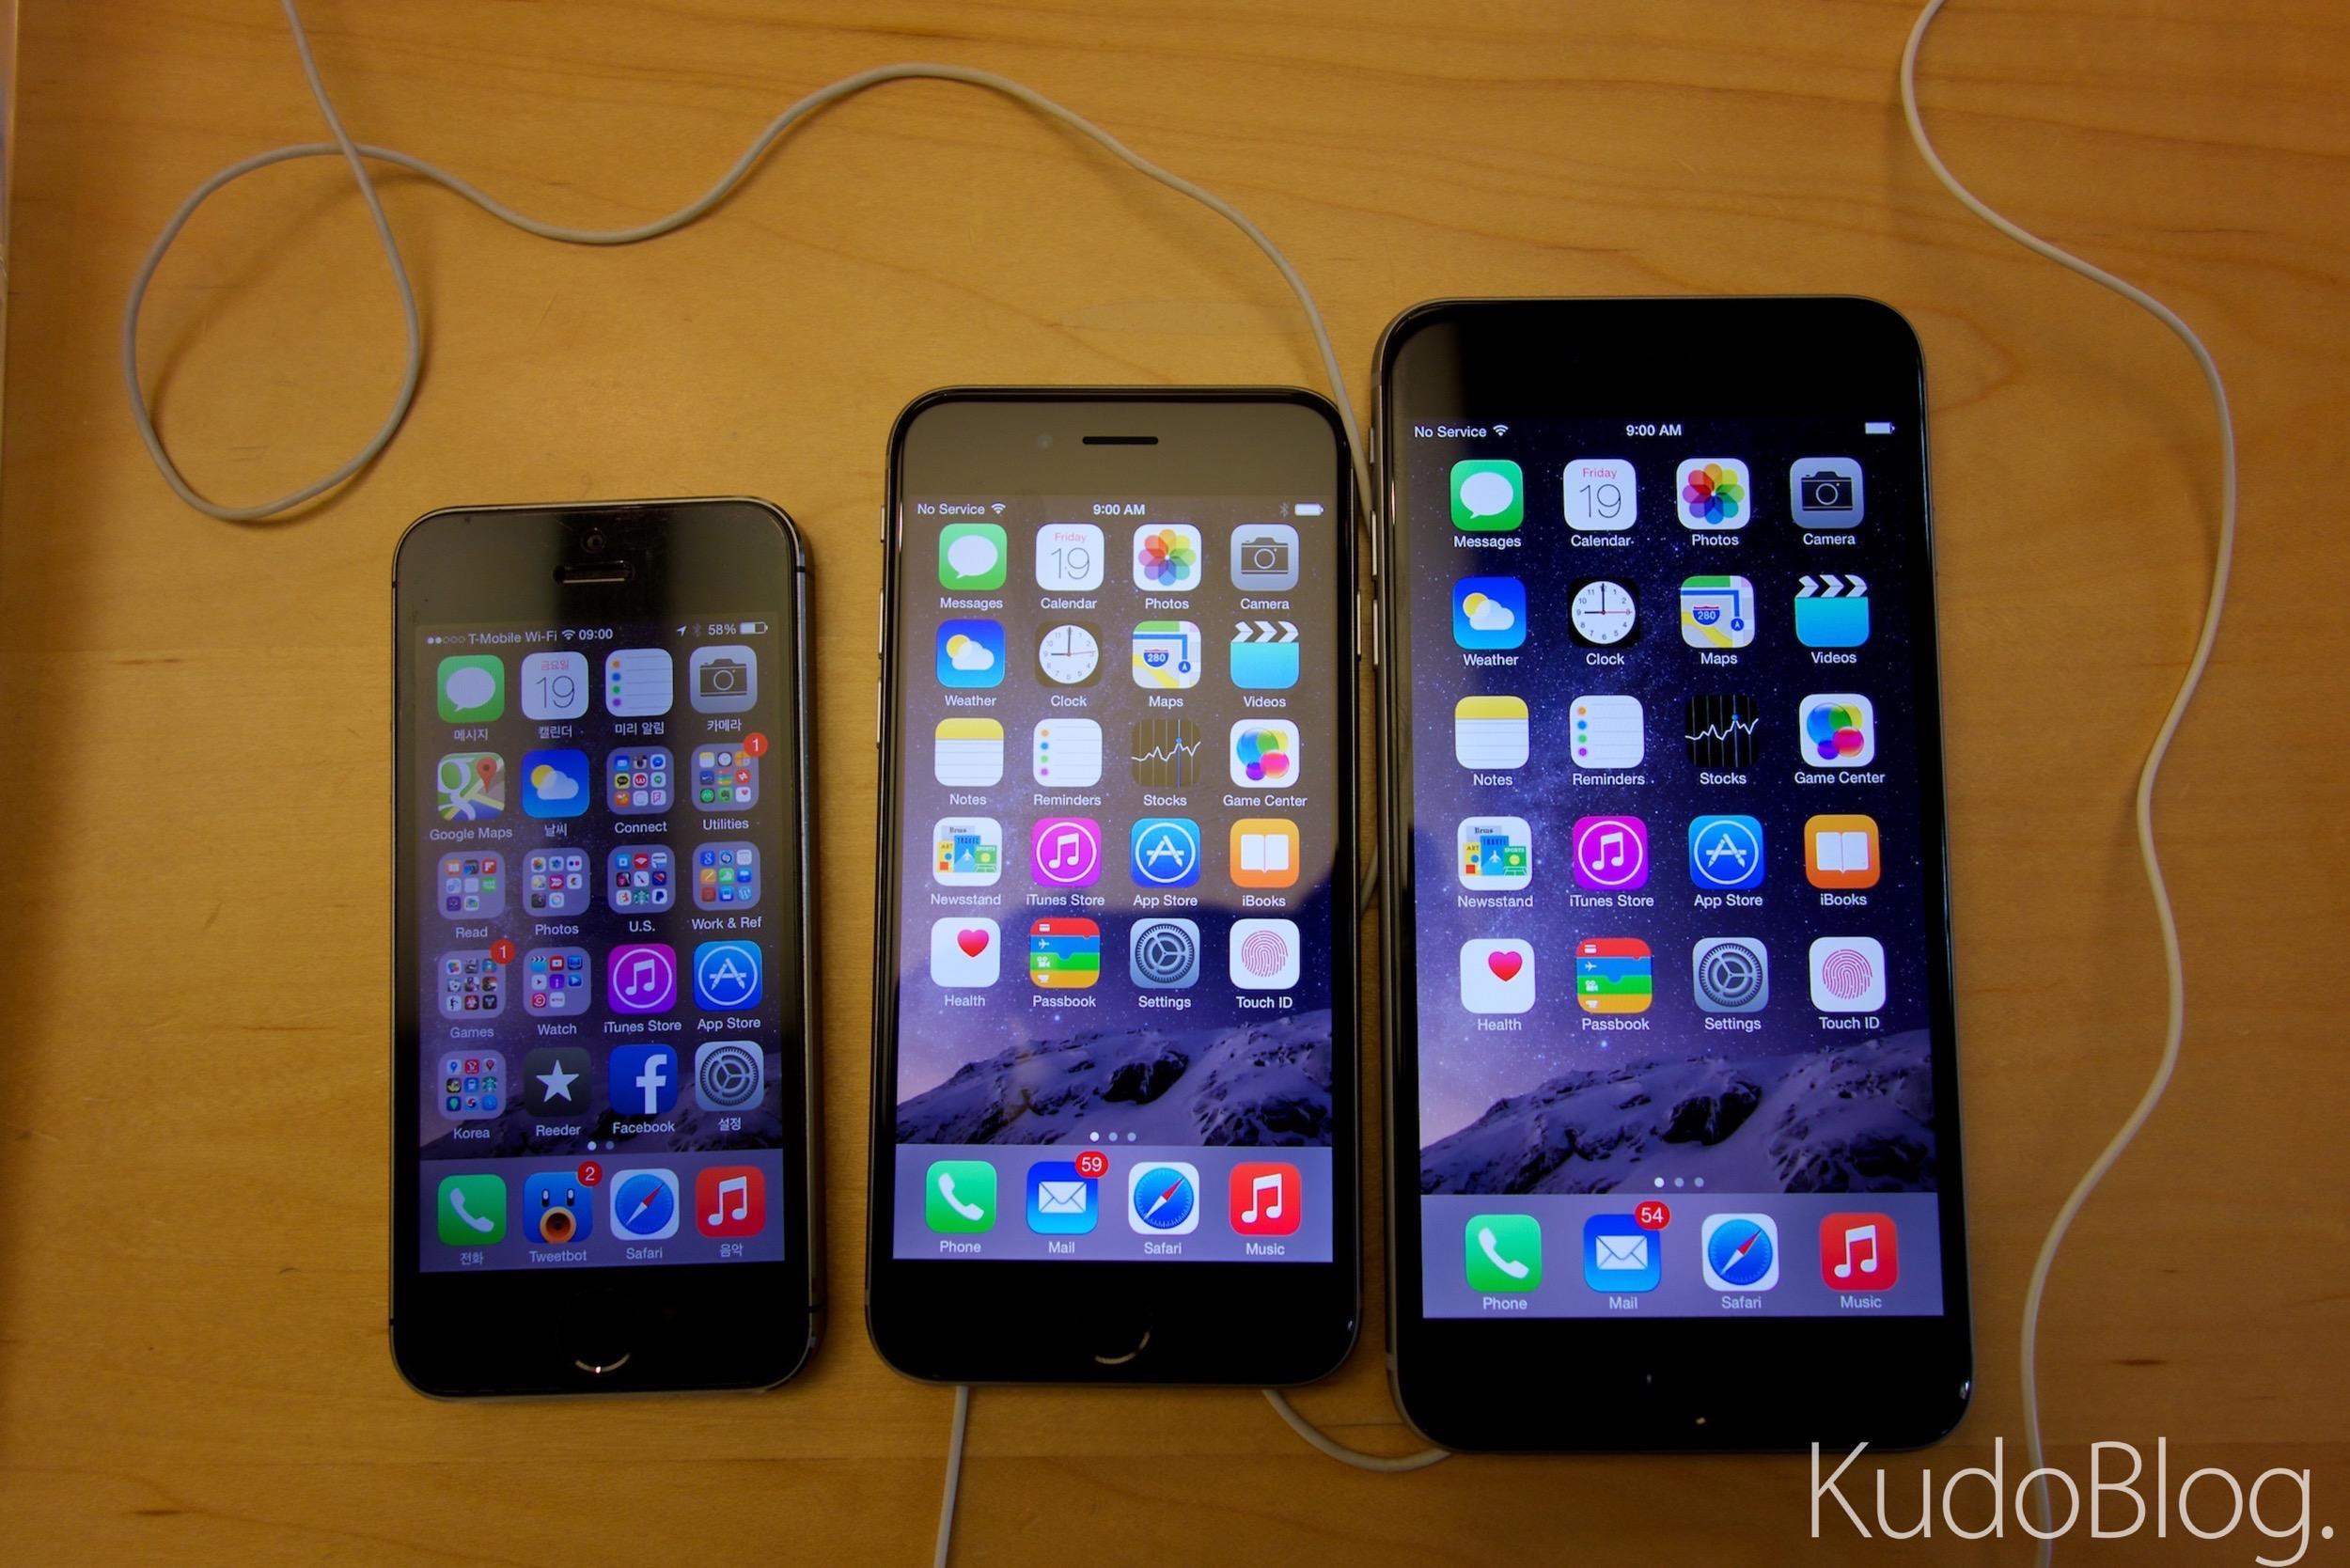 [KudoTouch] 애플 아이폰 6 & 아이폰 6 플러스